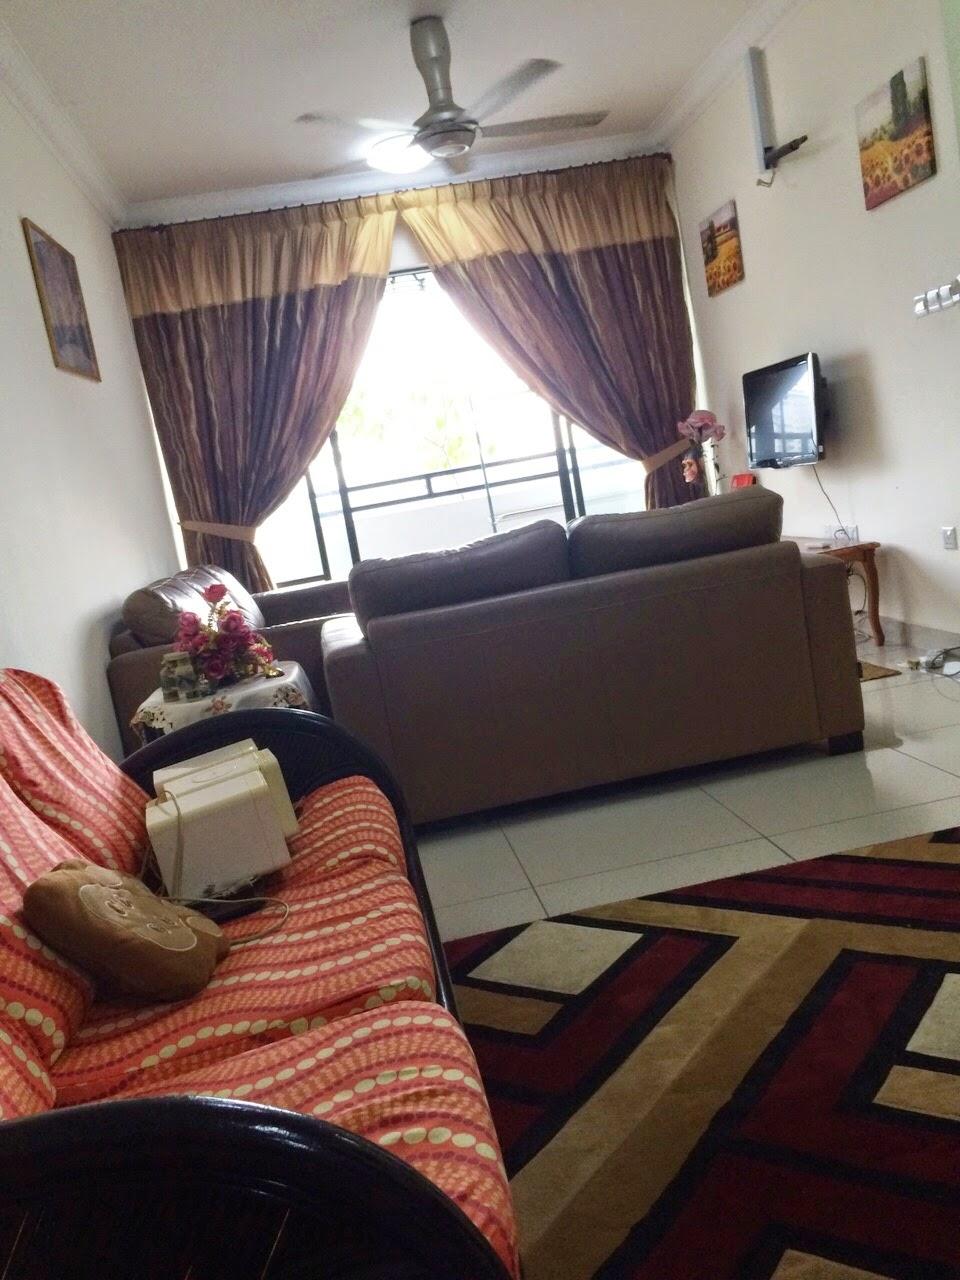 Malaysian Properties One Damansara Condo At Damansara Damai PJ